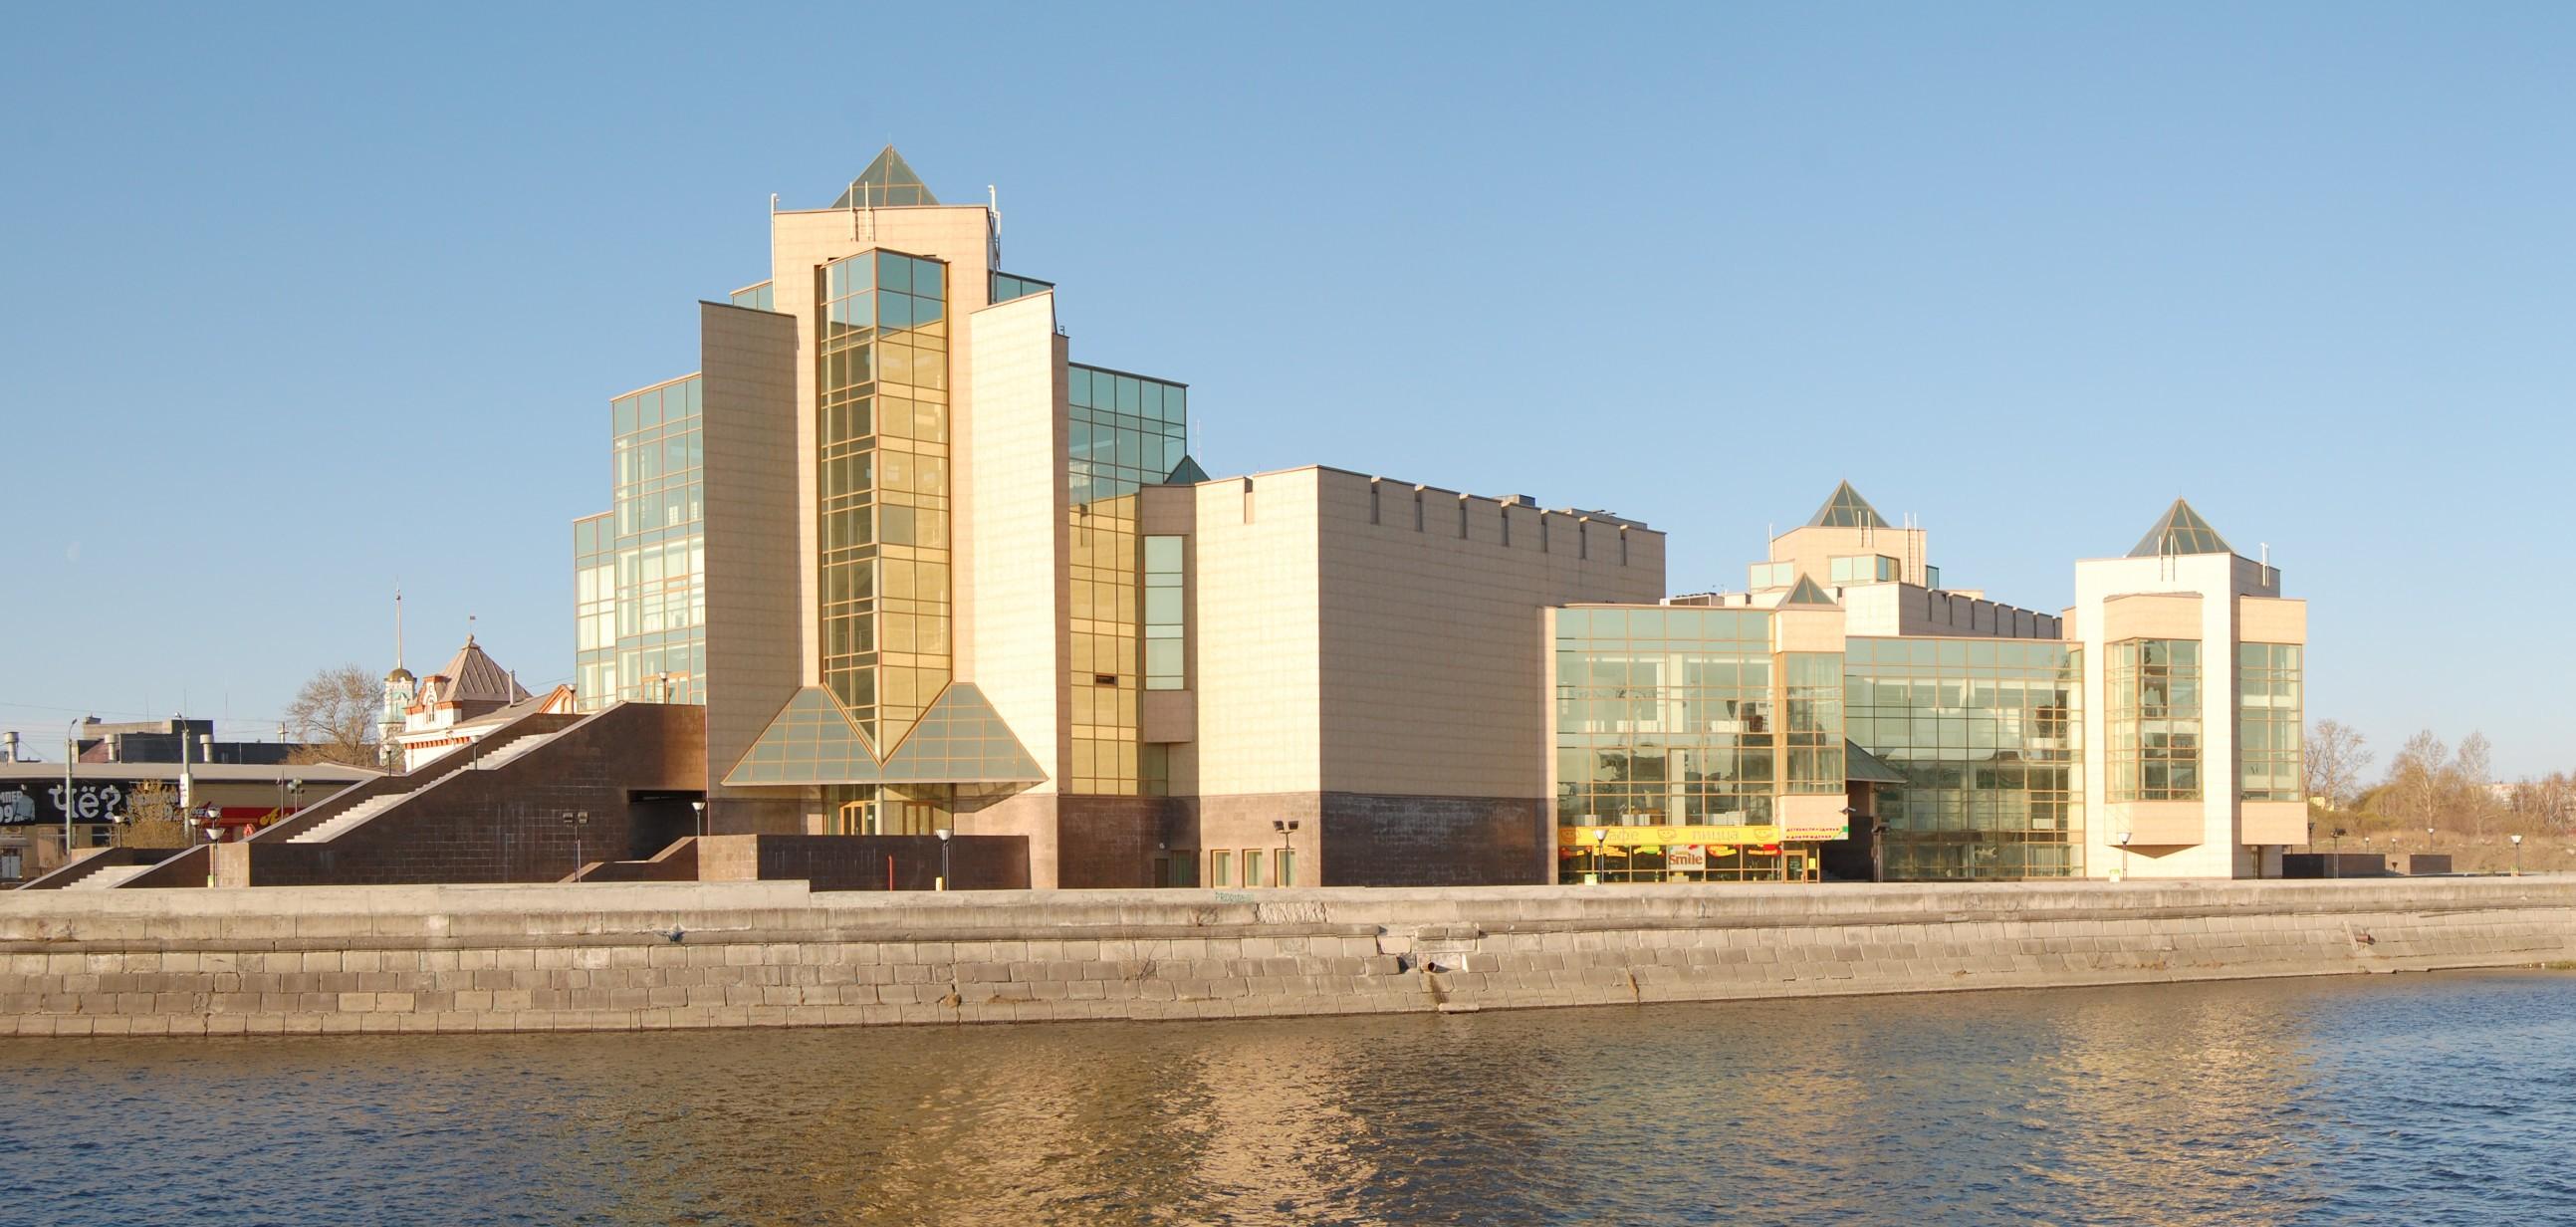 Челябинск - это... Что такое Челябинск?: dic.academic.ru/dic.nsf/ruwiki/7292